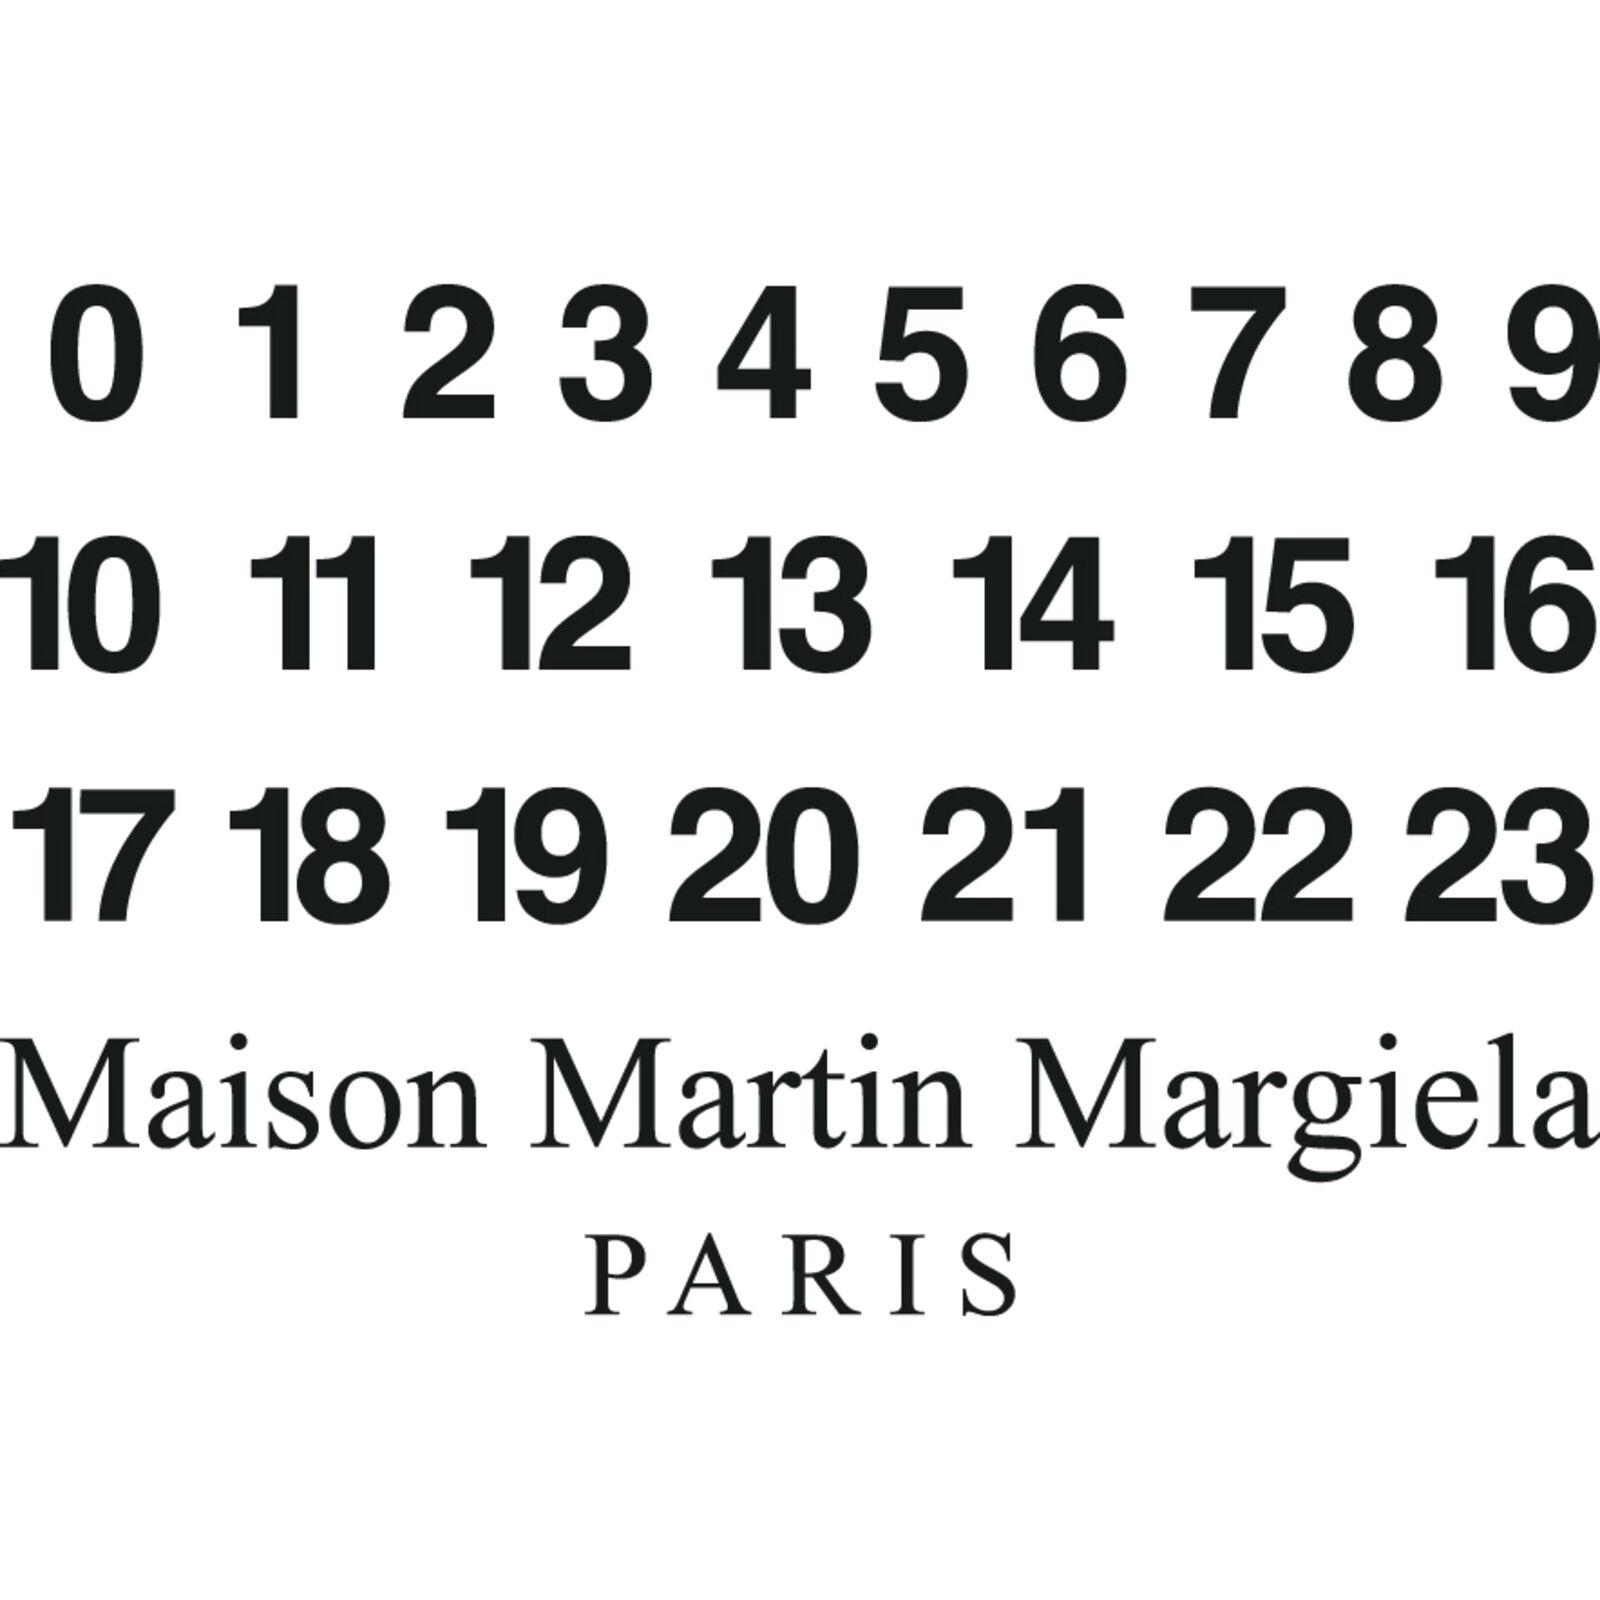 Maison Margiela (Bild 1)